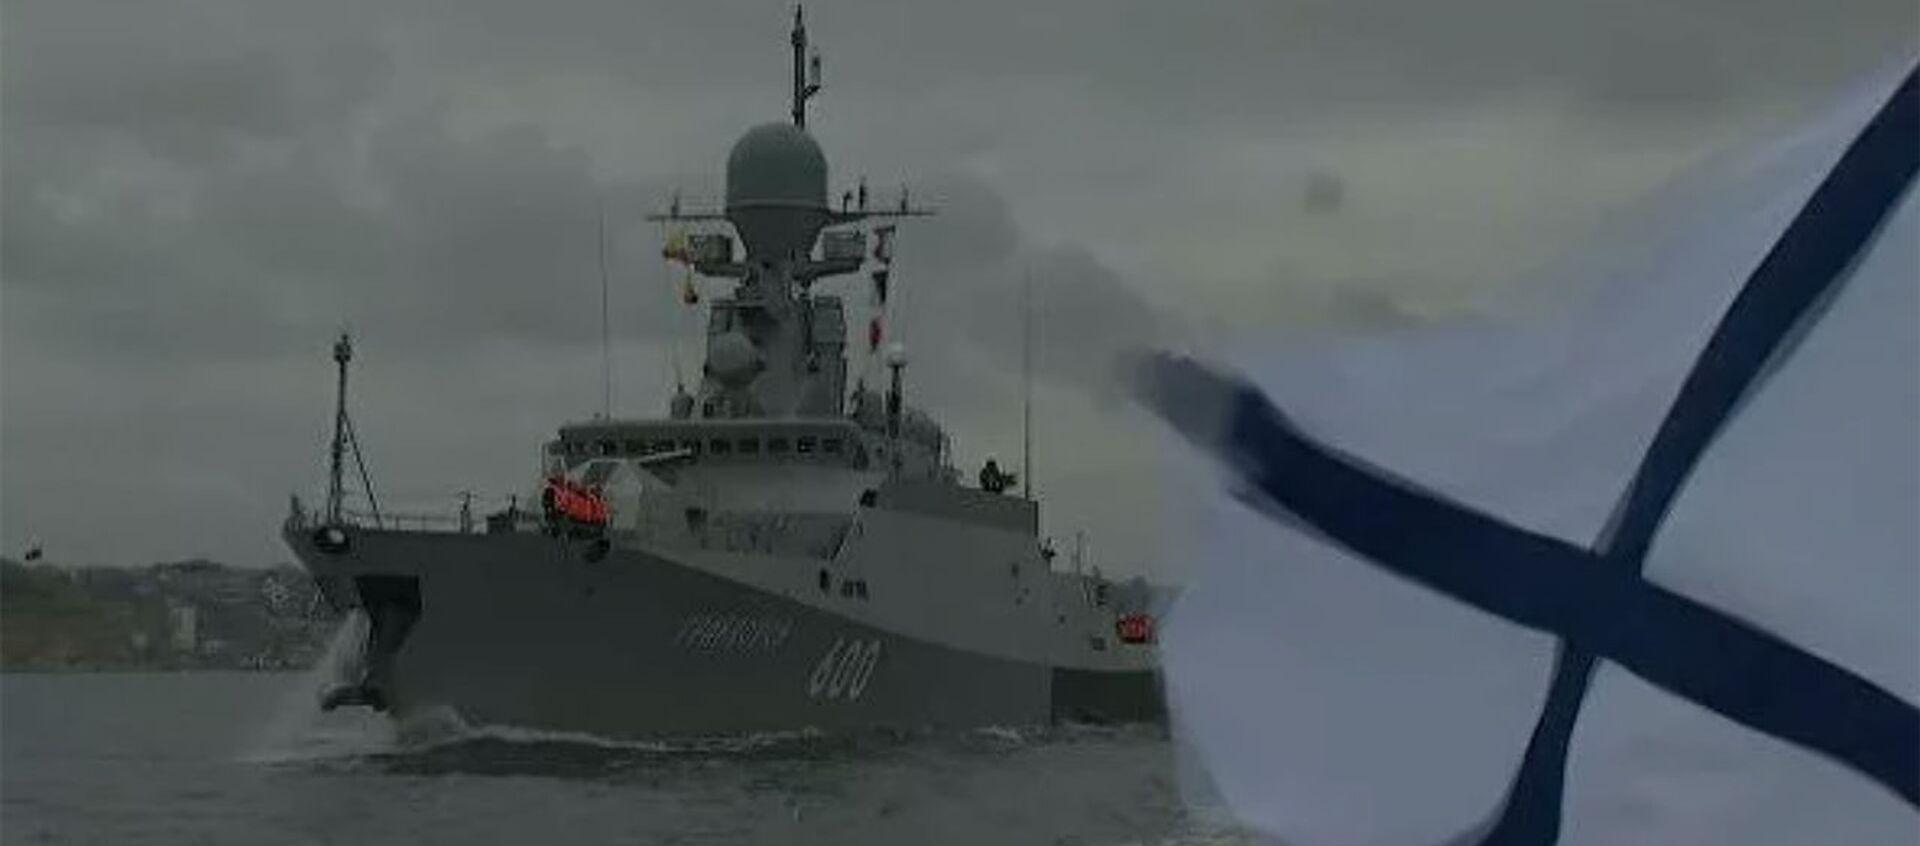 Отряд кораблей Черноморского флота вышел в море для проведения артиллерийских стрельб - Sputnik Армения, 1920, 14.04.2021